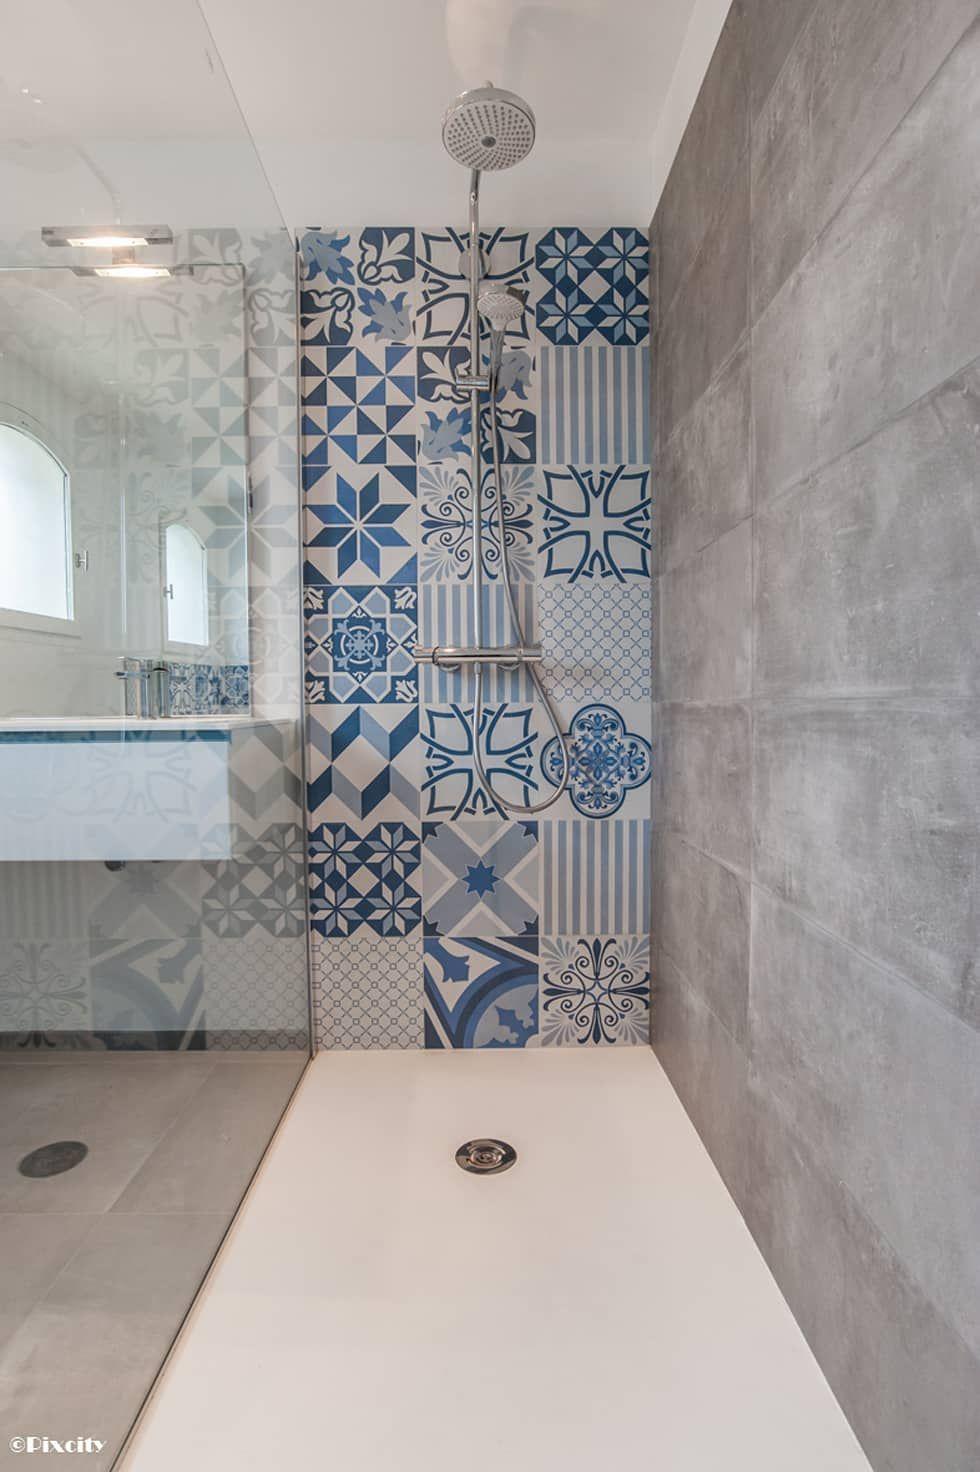 Salle de bains et carreaux ciment bleus par pixcity moderne ...